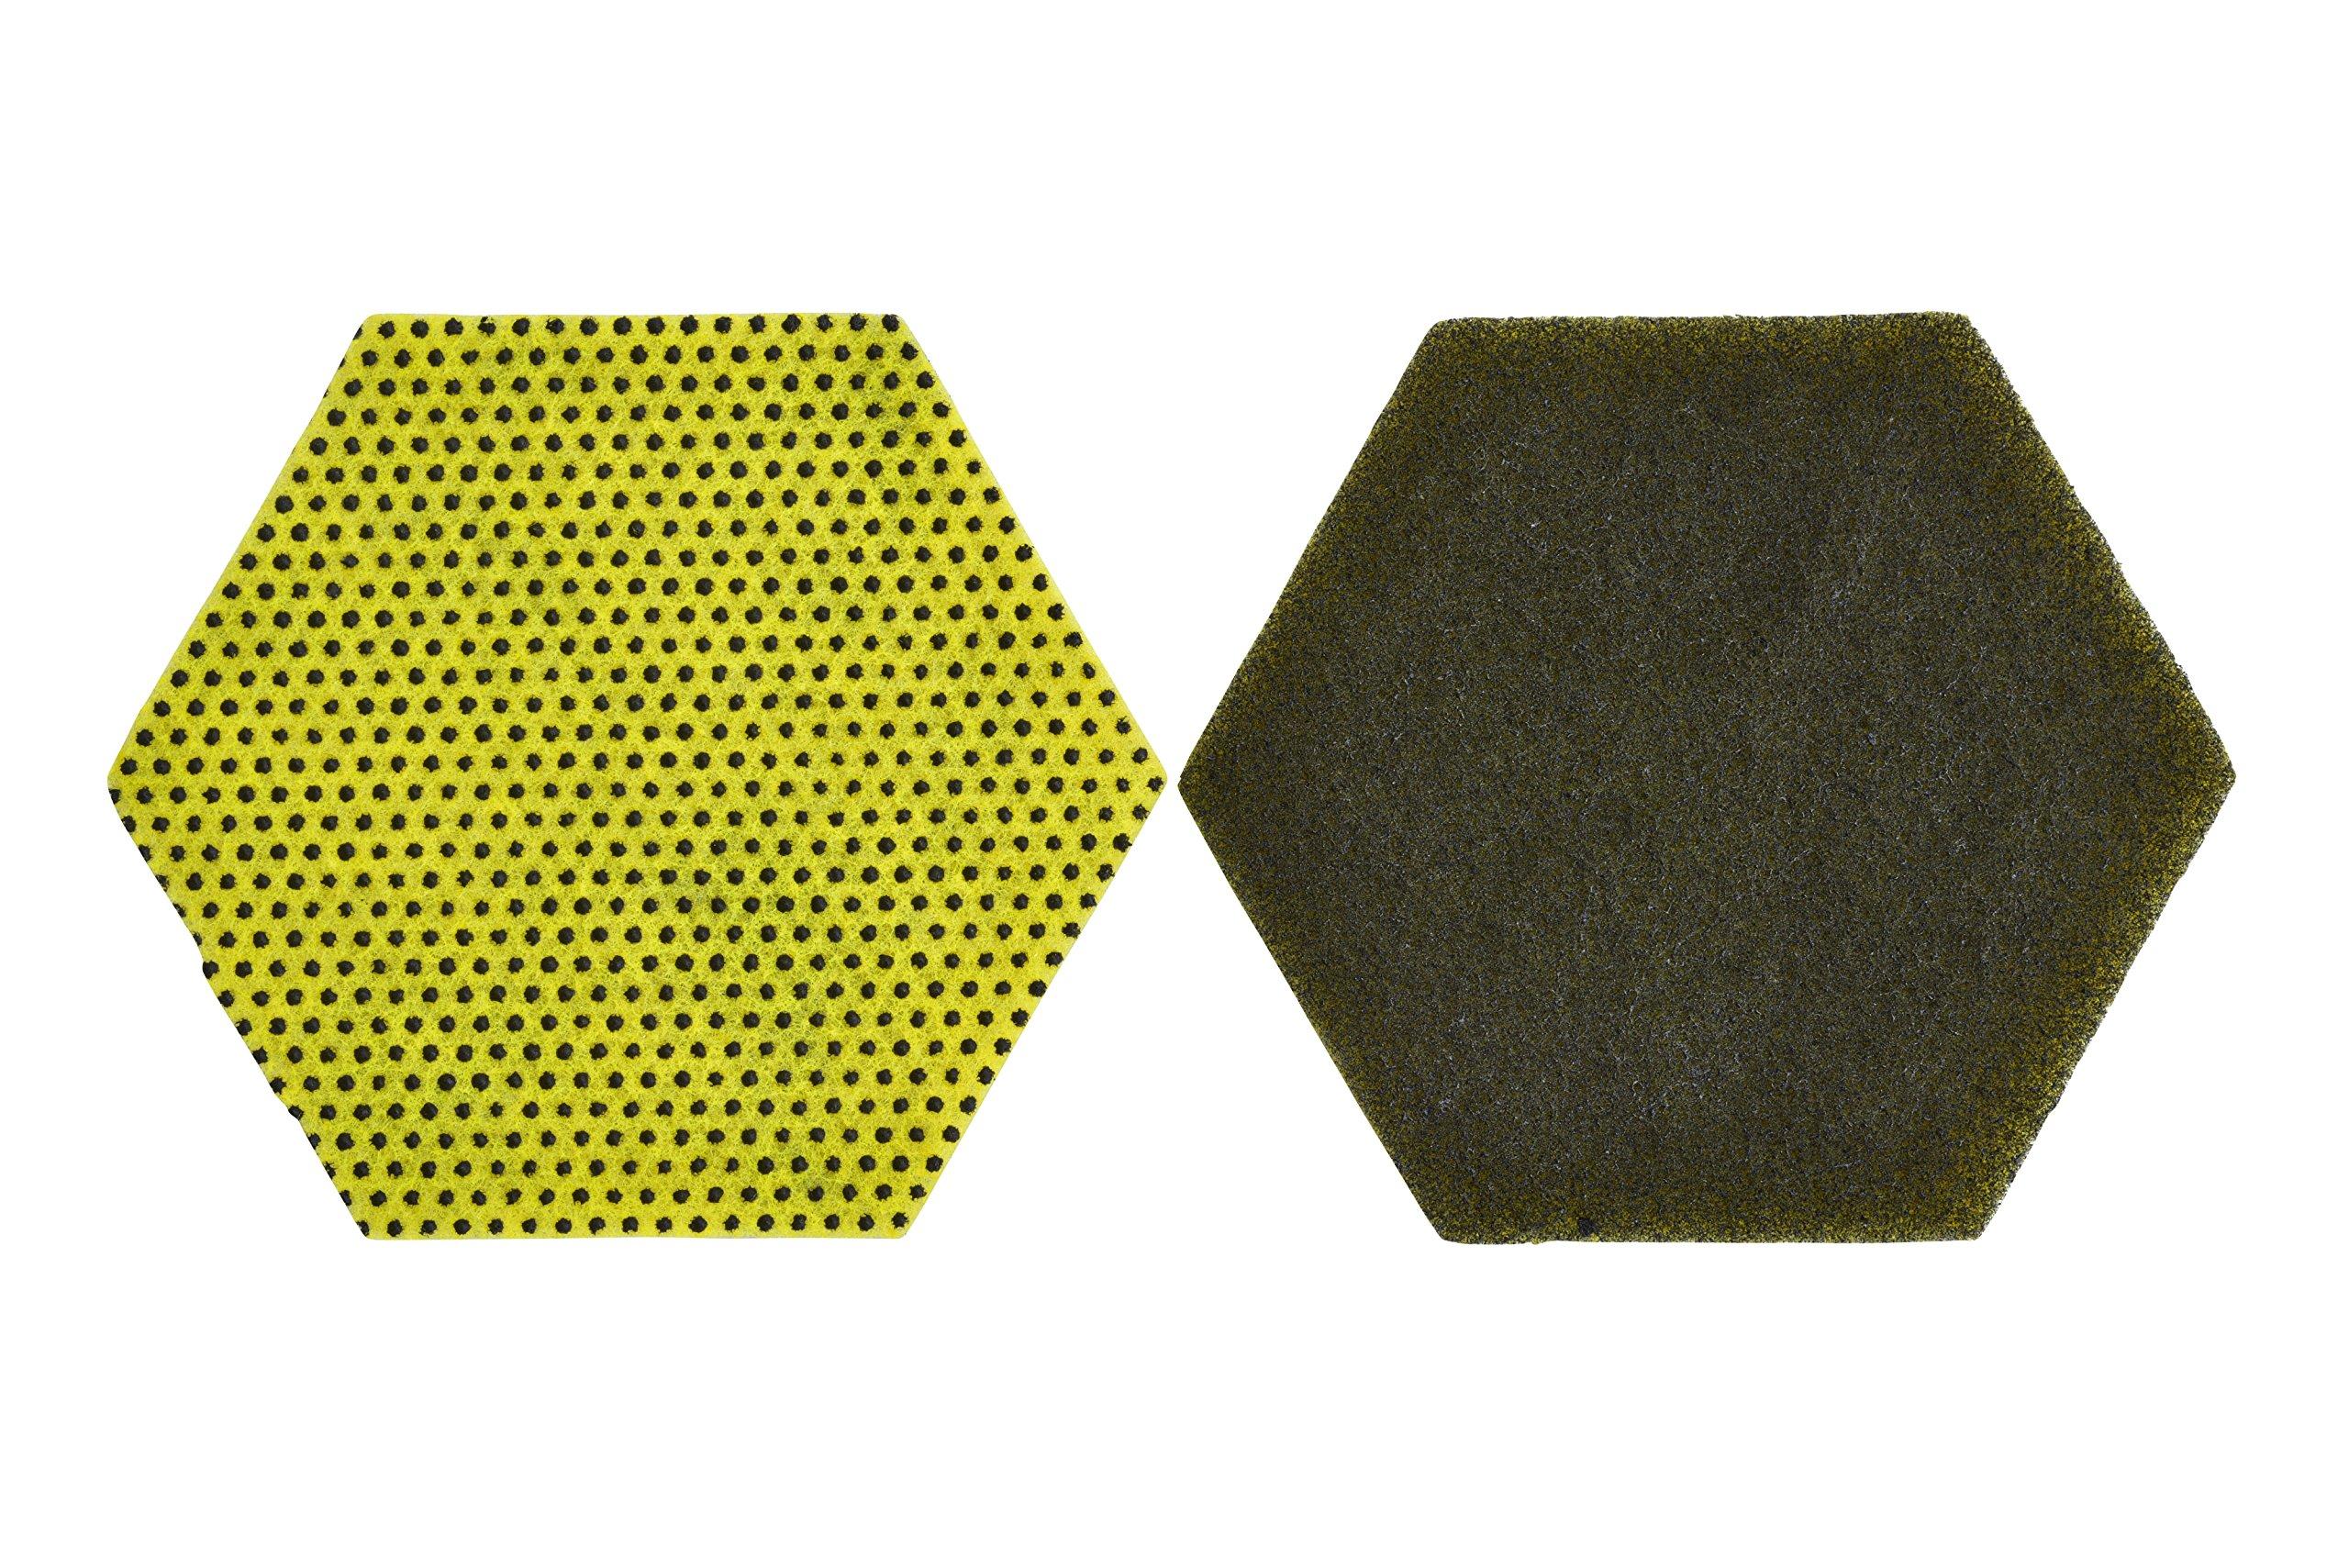 Scotch-Brite 85946 Dual Purpose Scour Pad 96HEX (Pack of 15) by Scotch-Brite (Image #2)